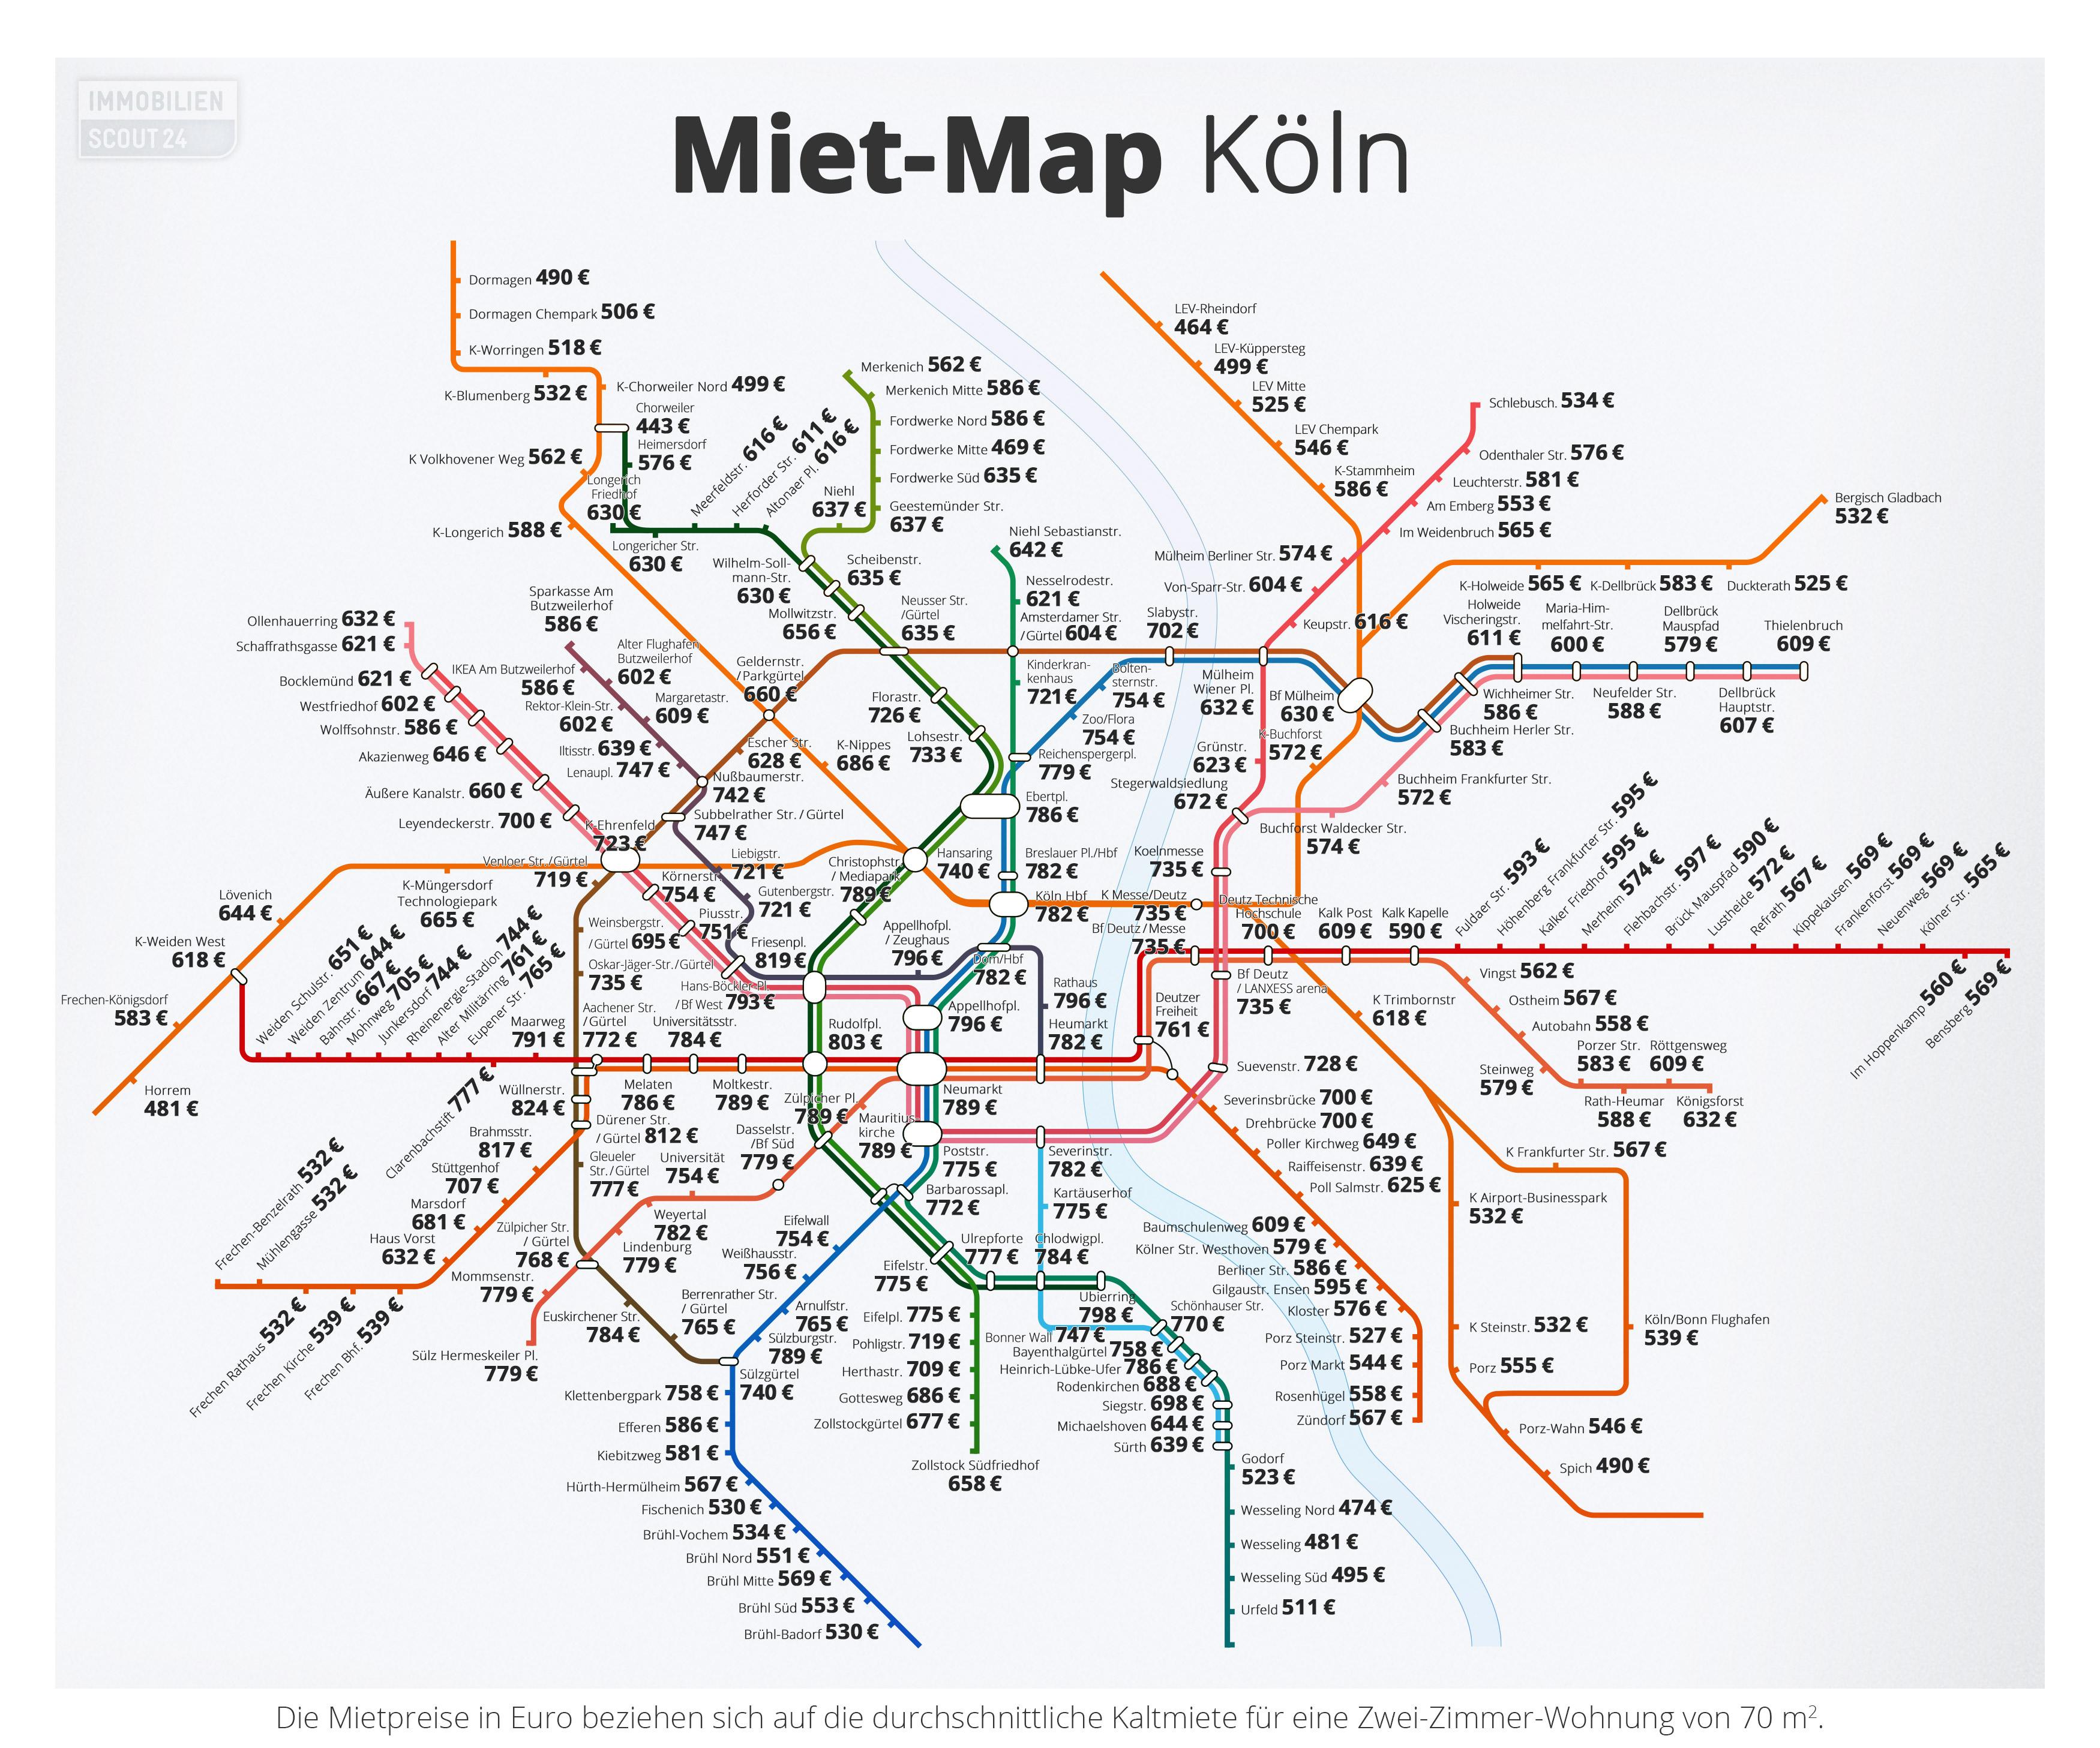 Miet-Map Köln